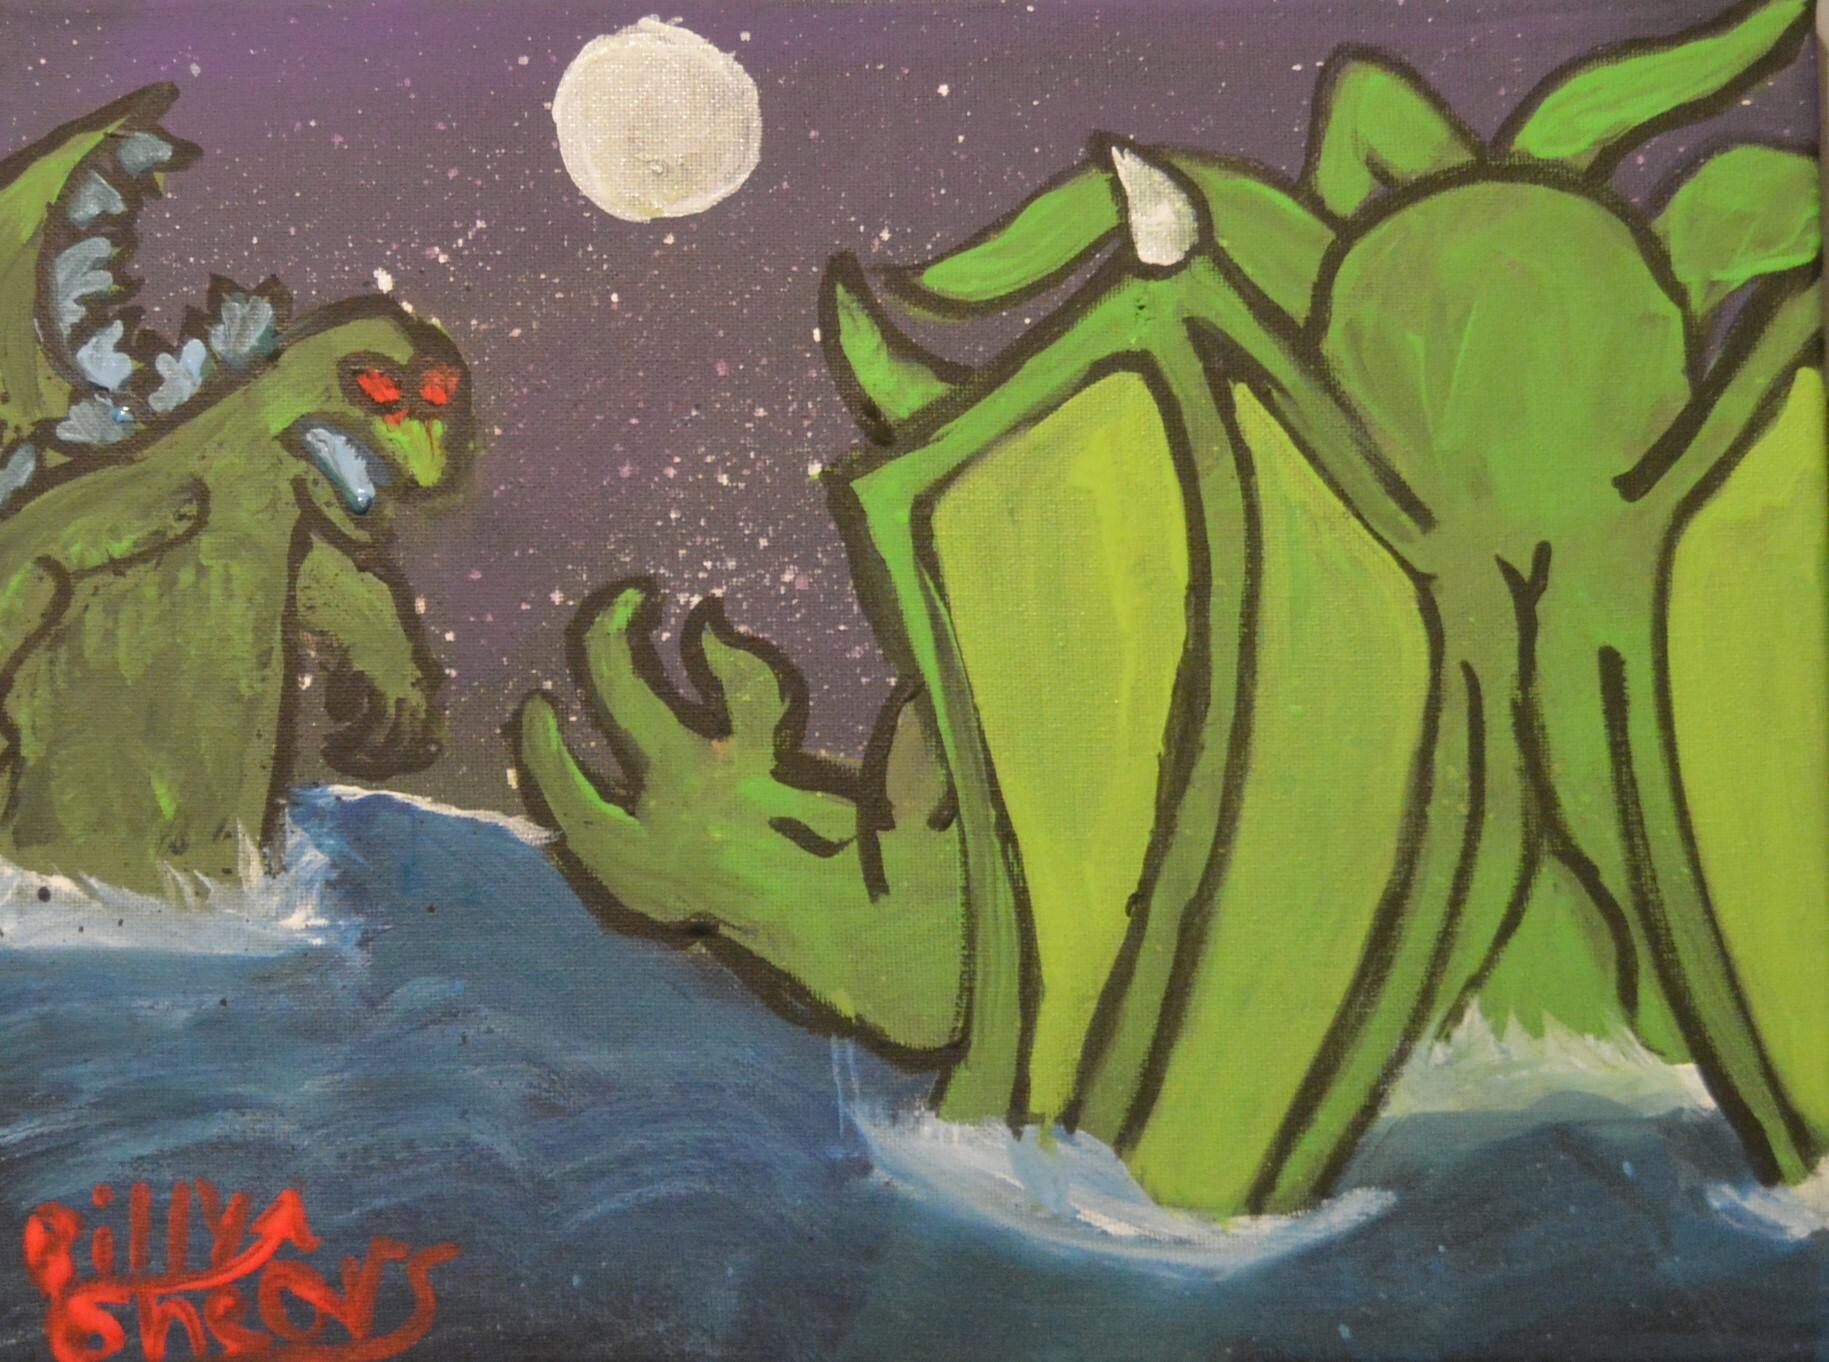 Cthulhu VS Godzilla